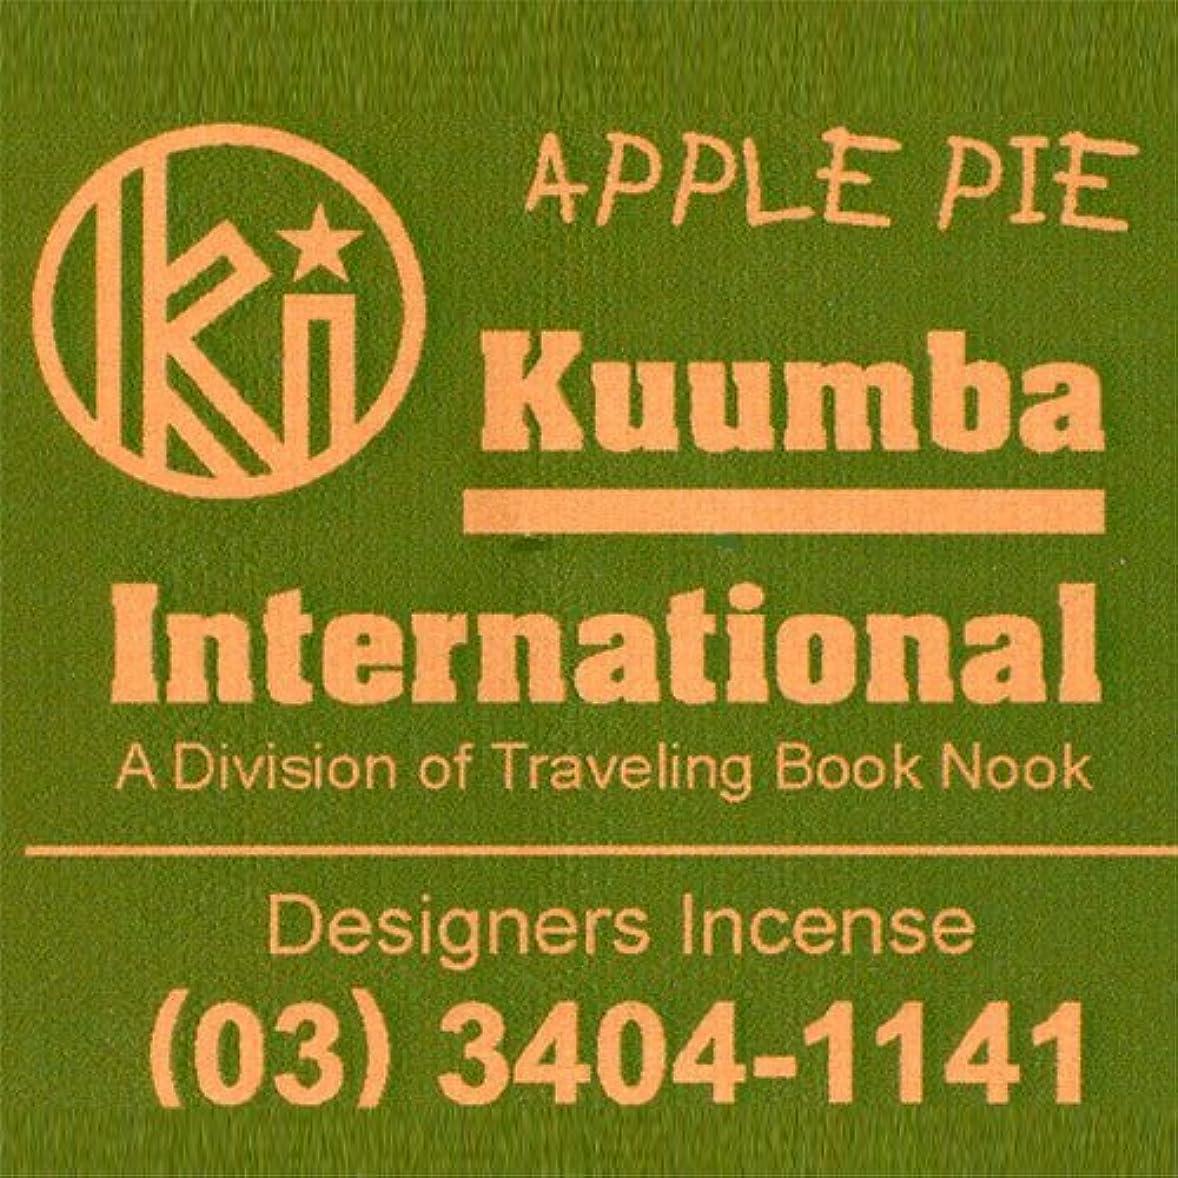 ベッドを作る資本全部KUUMBA / クンバ『incense』(APPLE PIE) (Regular size)